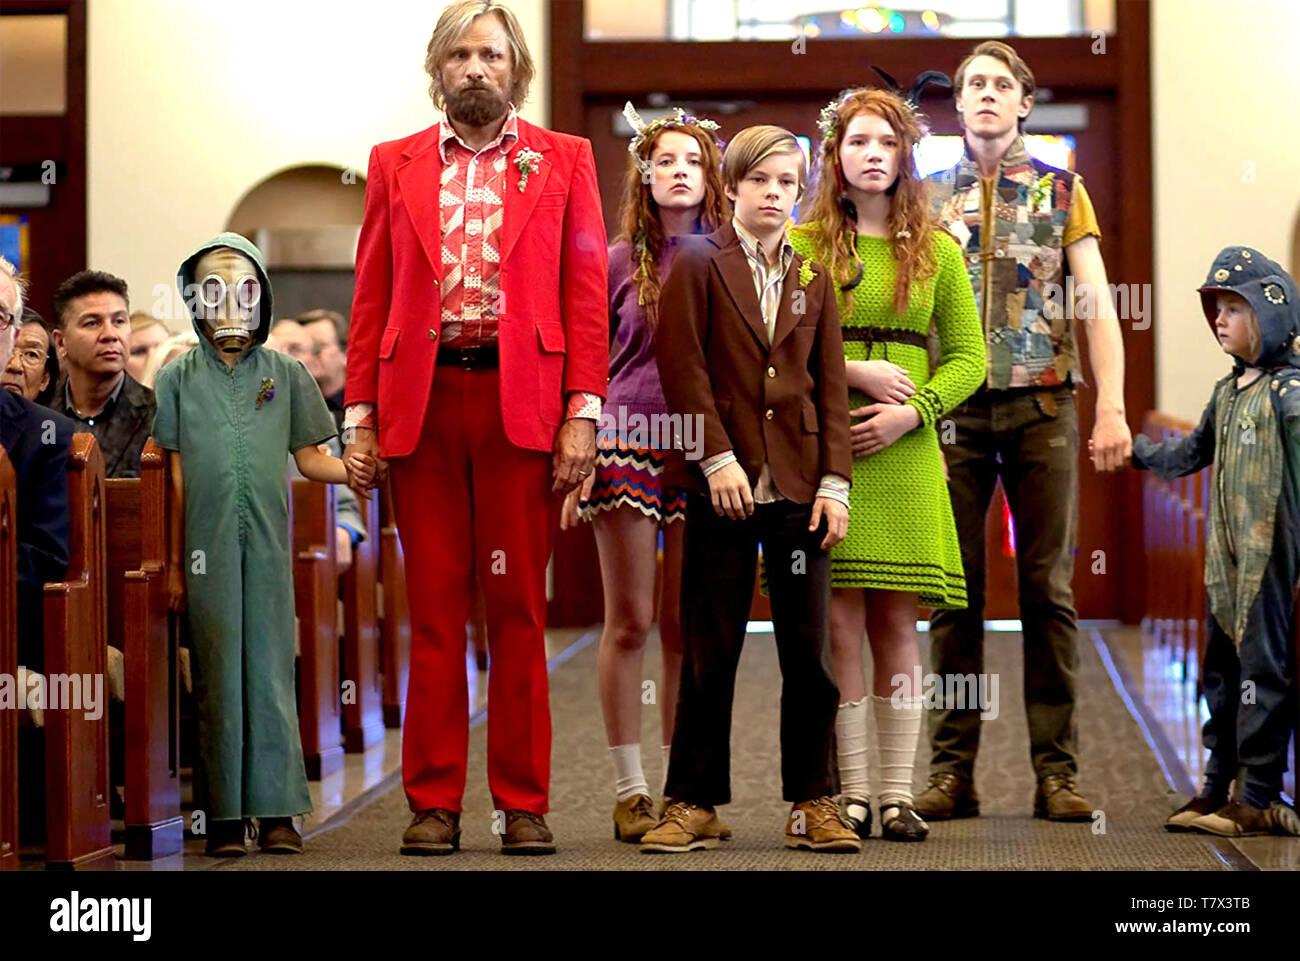 Fantastique capitaine 2016 Electric City Entertainment film avec Viggo Mortensen comme Bern Photo Stock